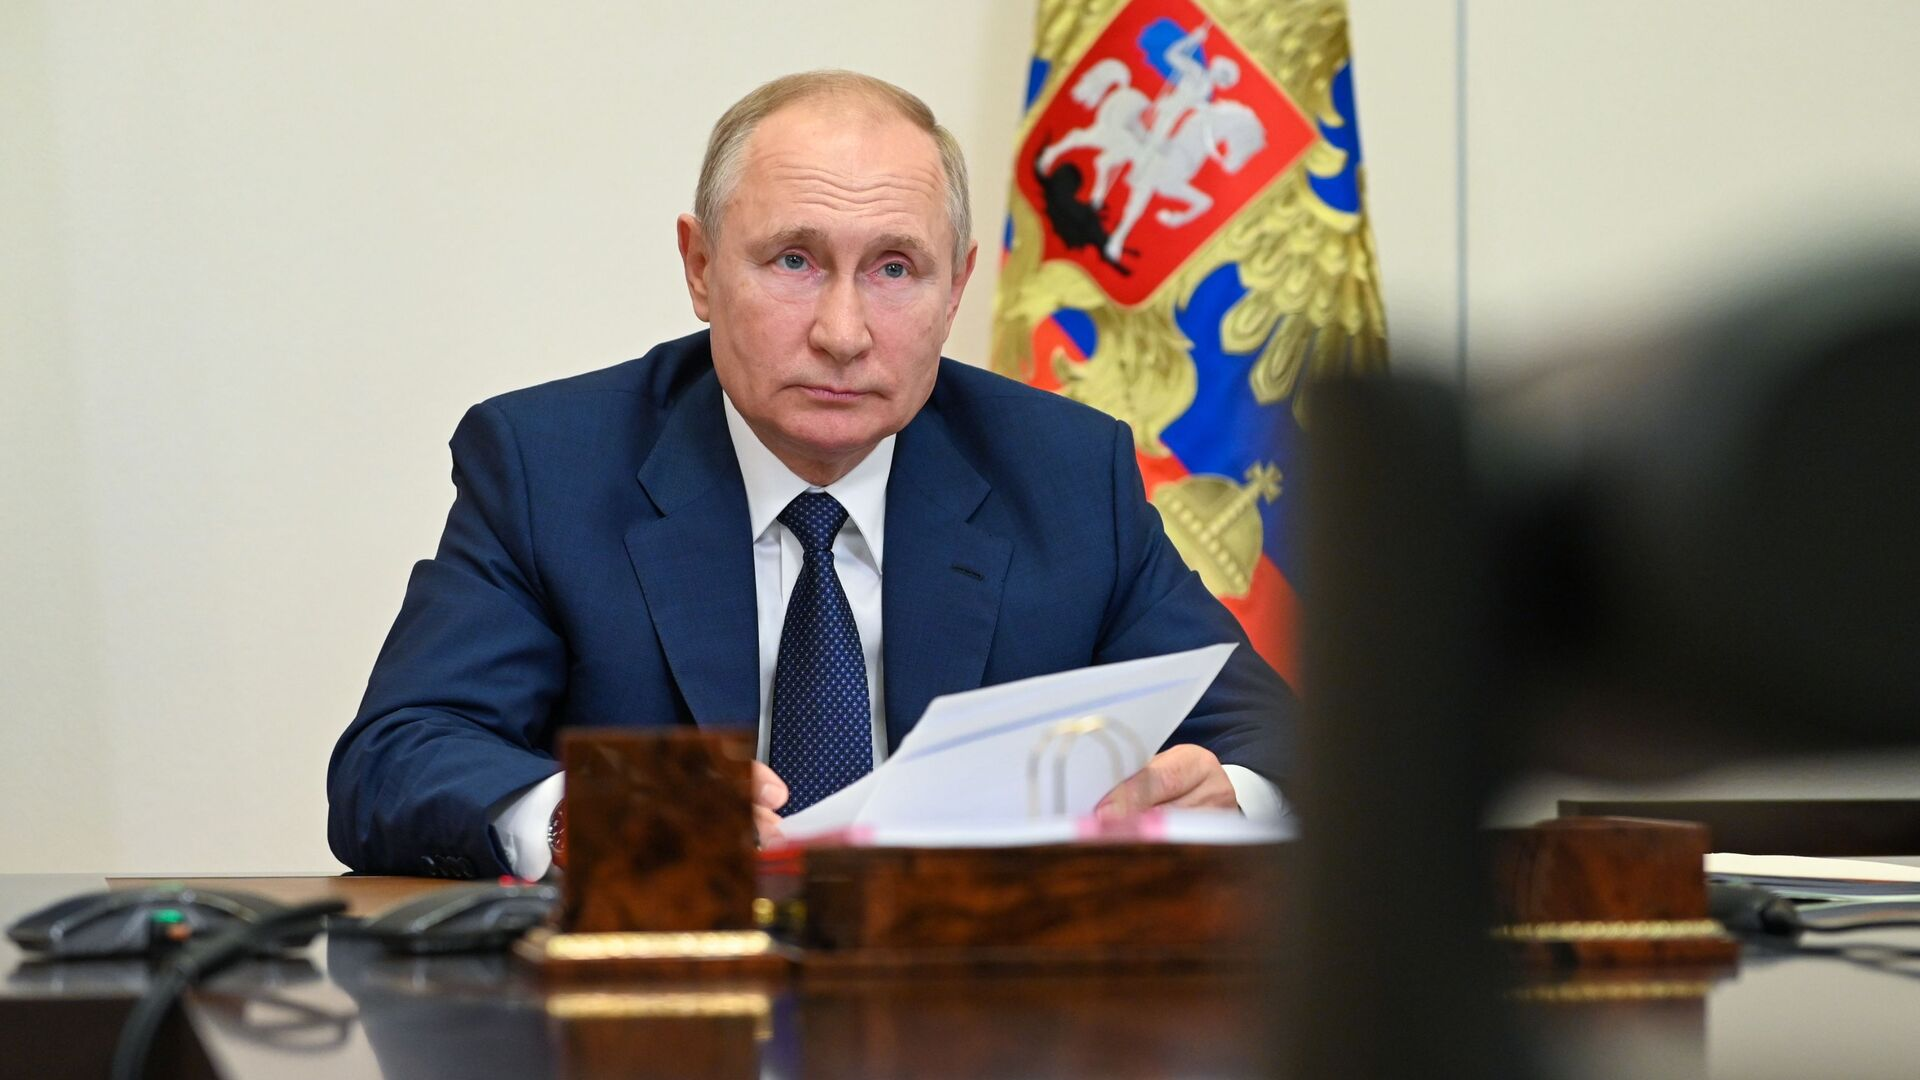 Президент РФ В. Путин провел встречу с членами паралимпийской команды России - Sputnik Азербайджан, 1920, 14.08.2021